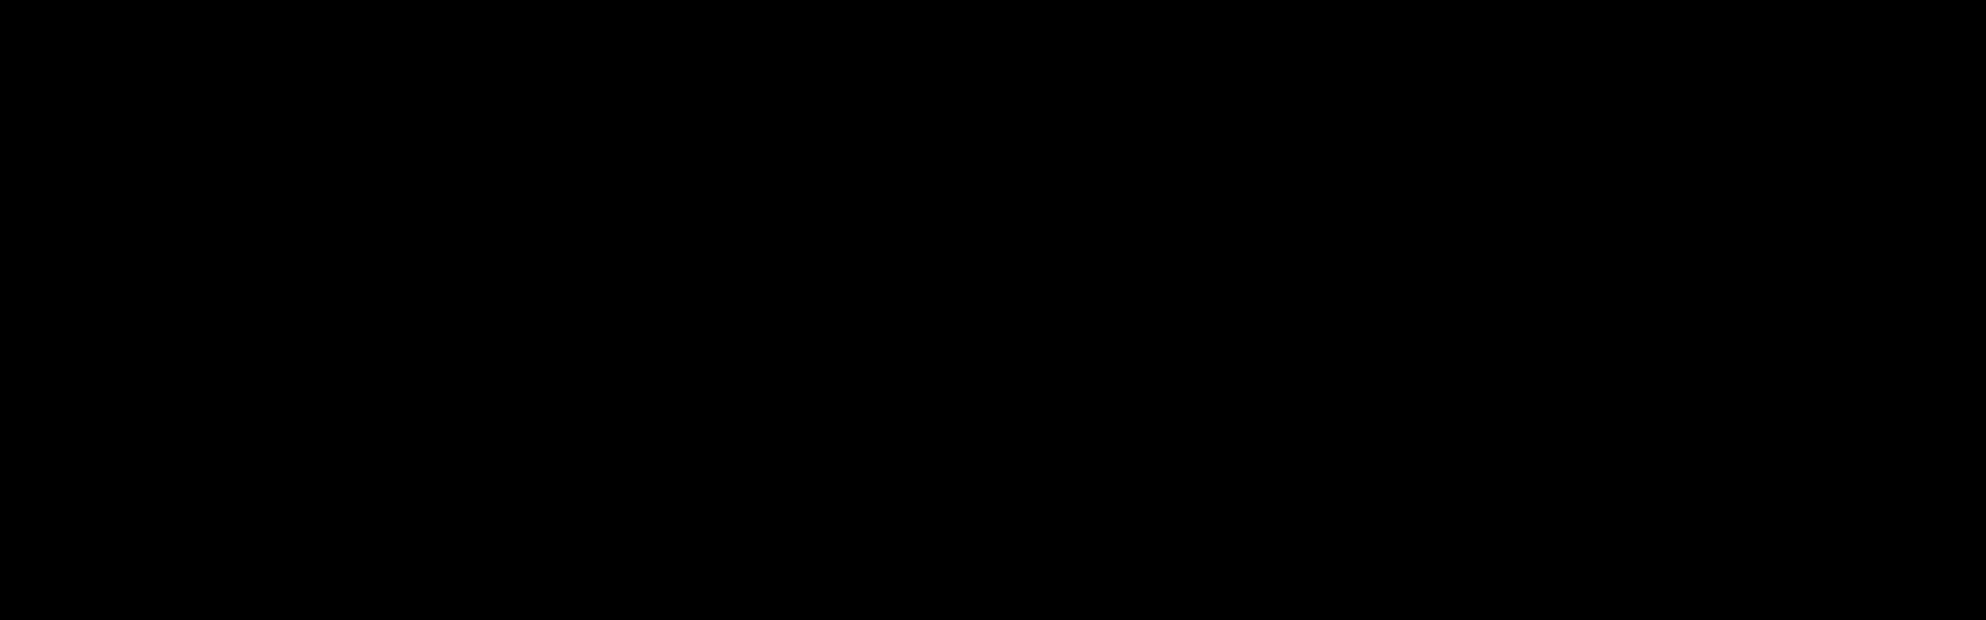 O6-[4-(7-Azido-2, 5-dioxaheptyl)benzyl]guanine